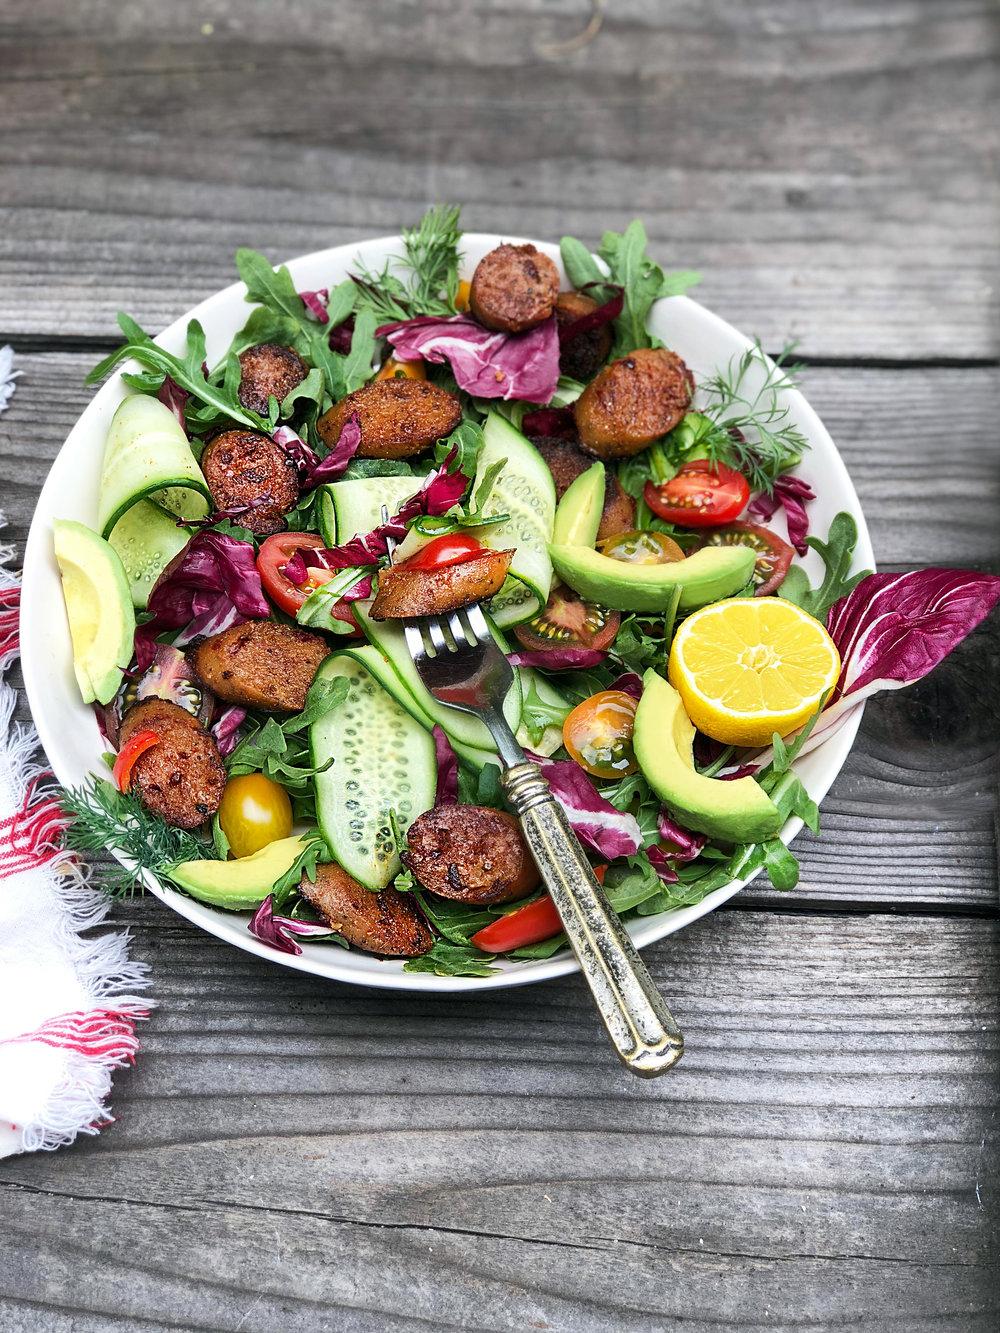 Field Roast, salad, Italian vegan sausage